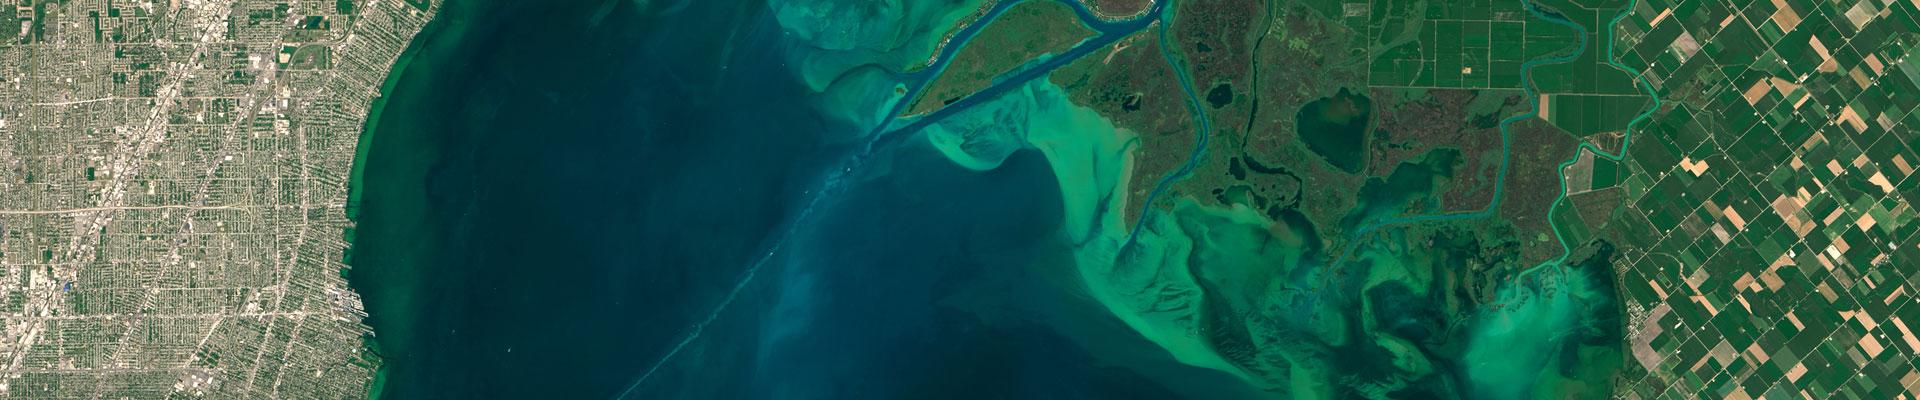 algae bloom in lake from space